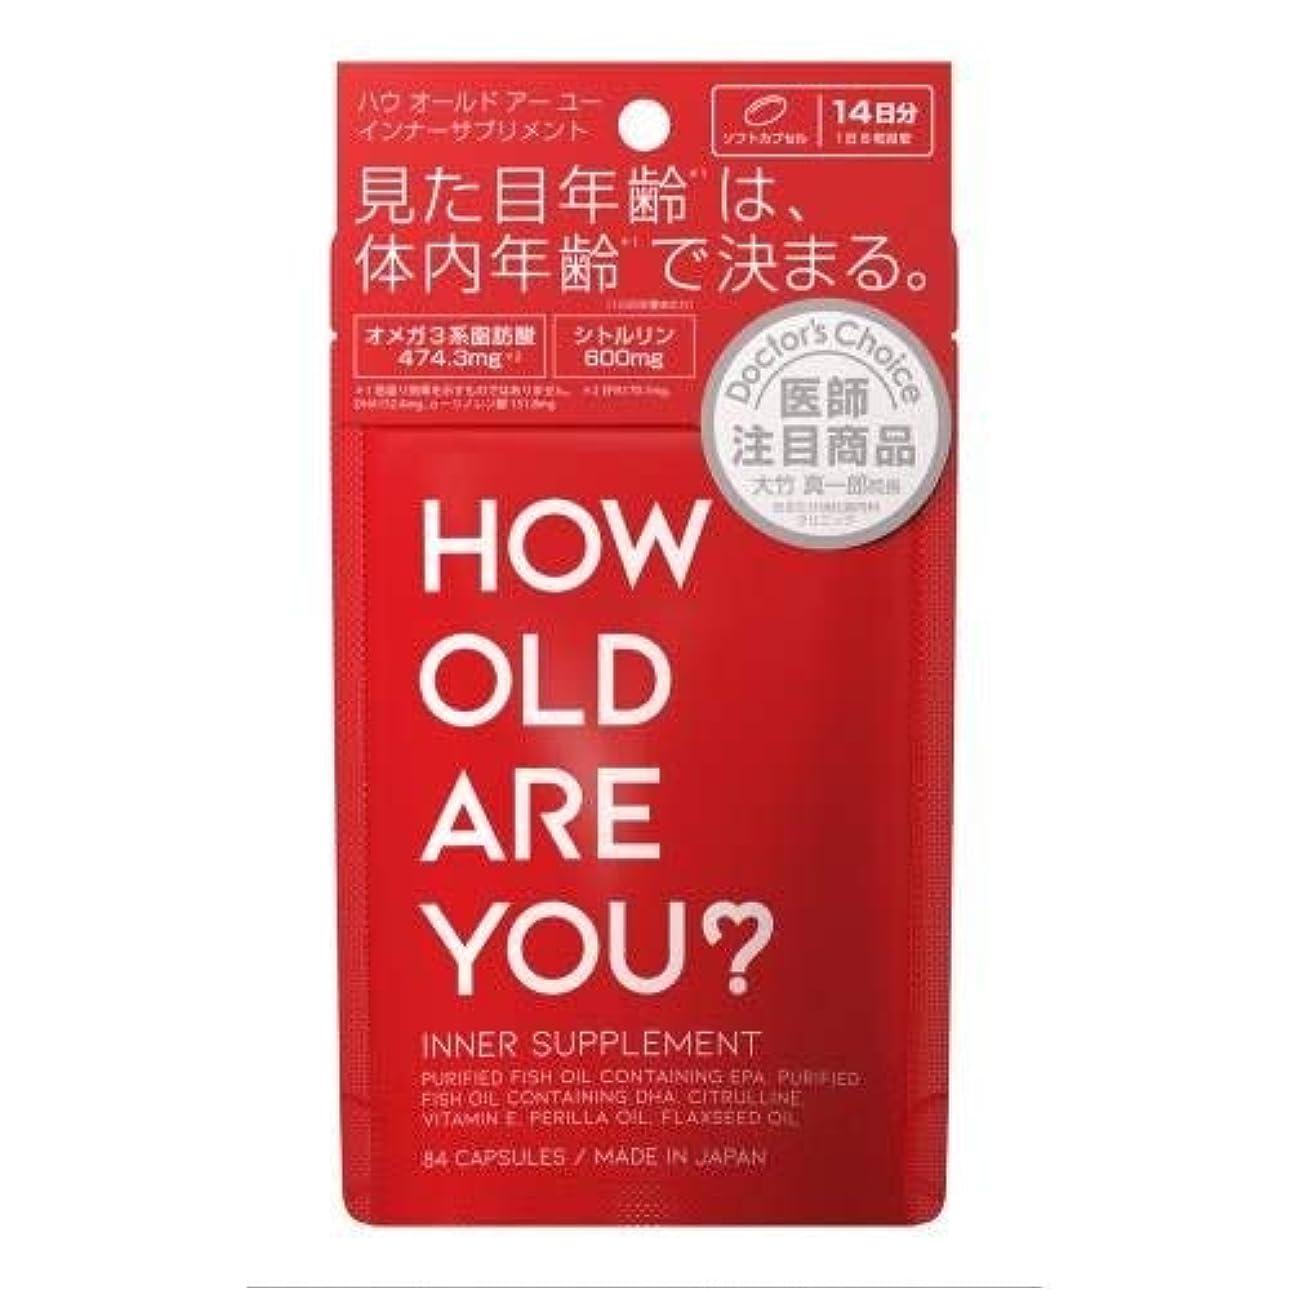 スクワイア怠吸収するHOW OLD ARE YOU?(ハウオールドアーユー) インナーサプリメント 84粒